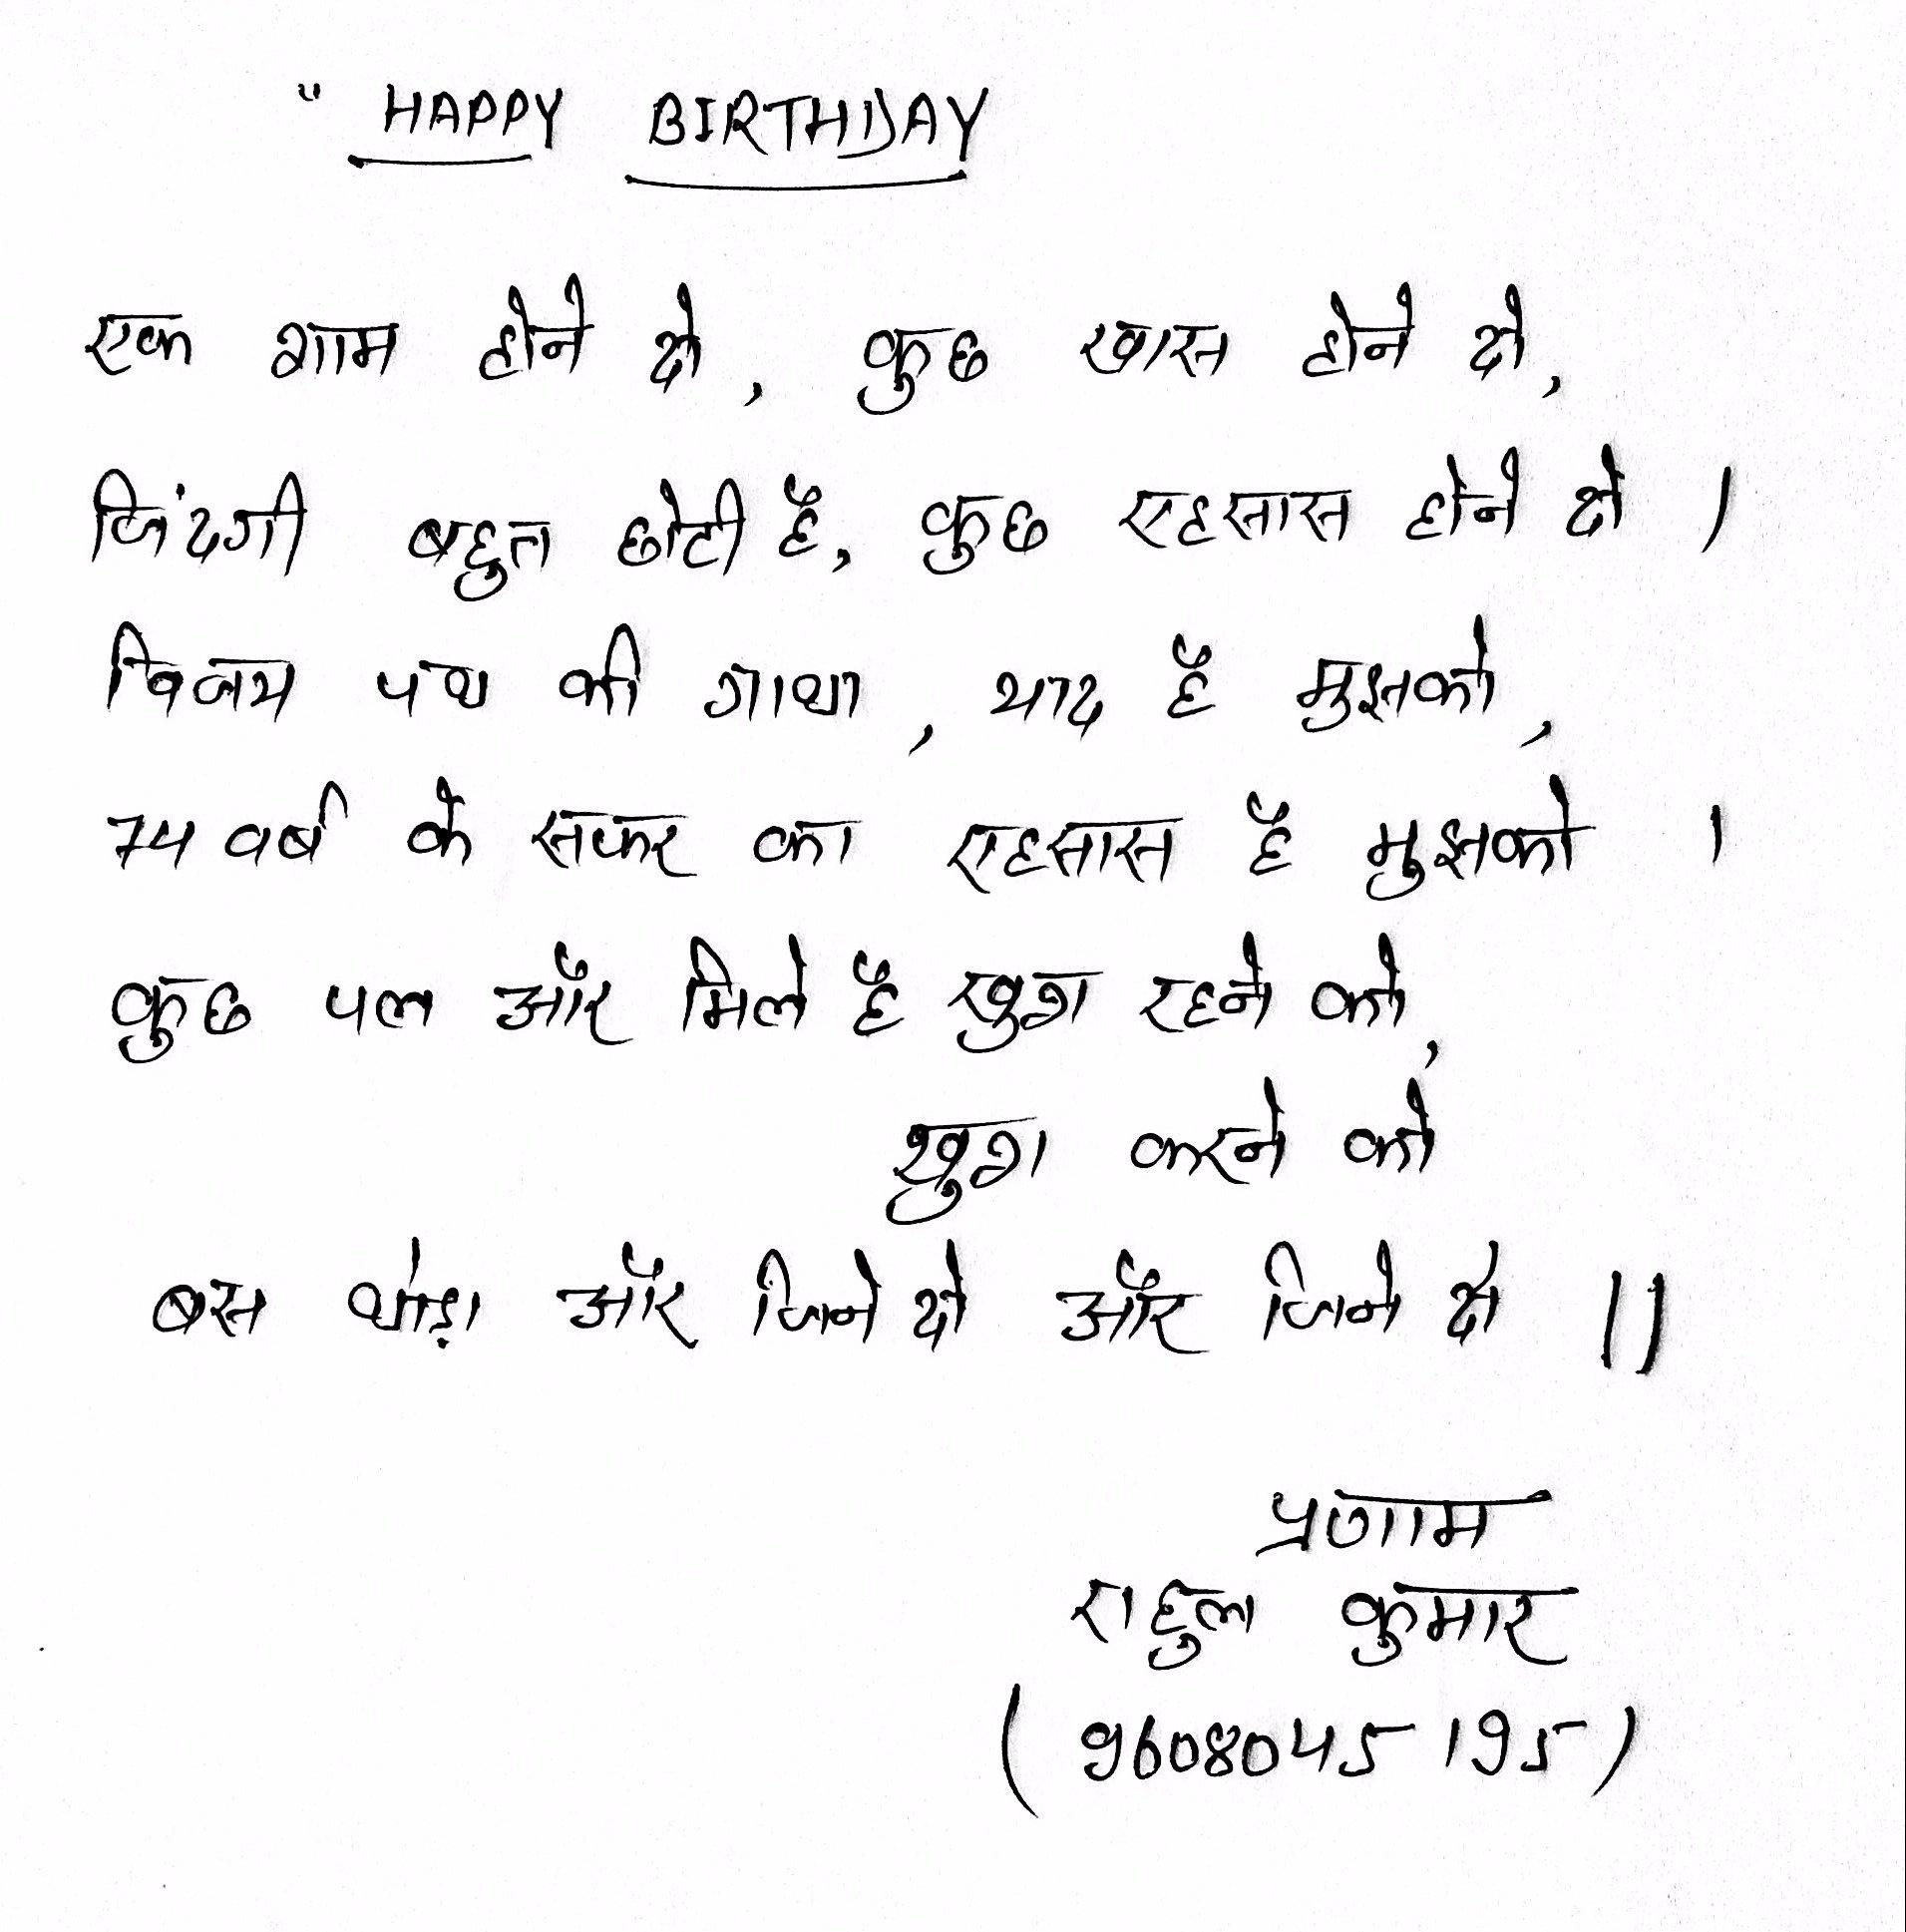 Happy birthday amitabh bachchan sir. this poem dedicated for u .